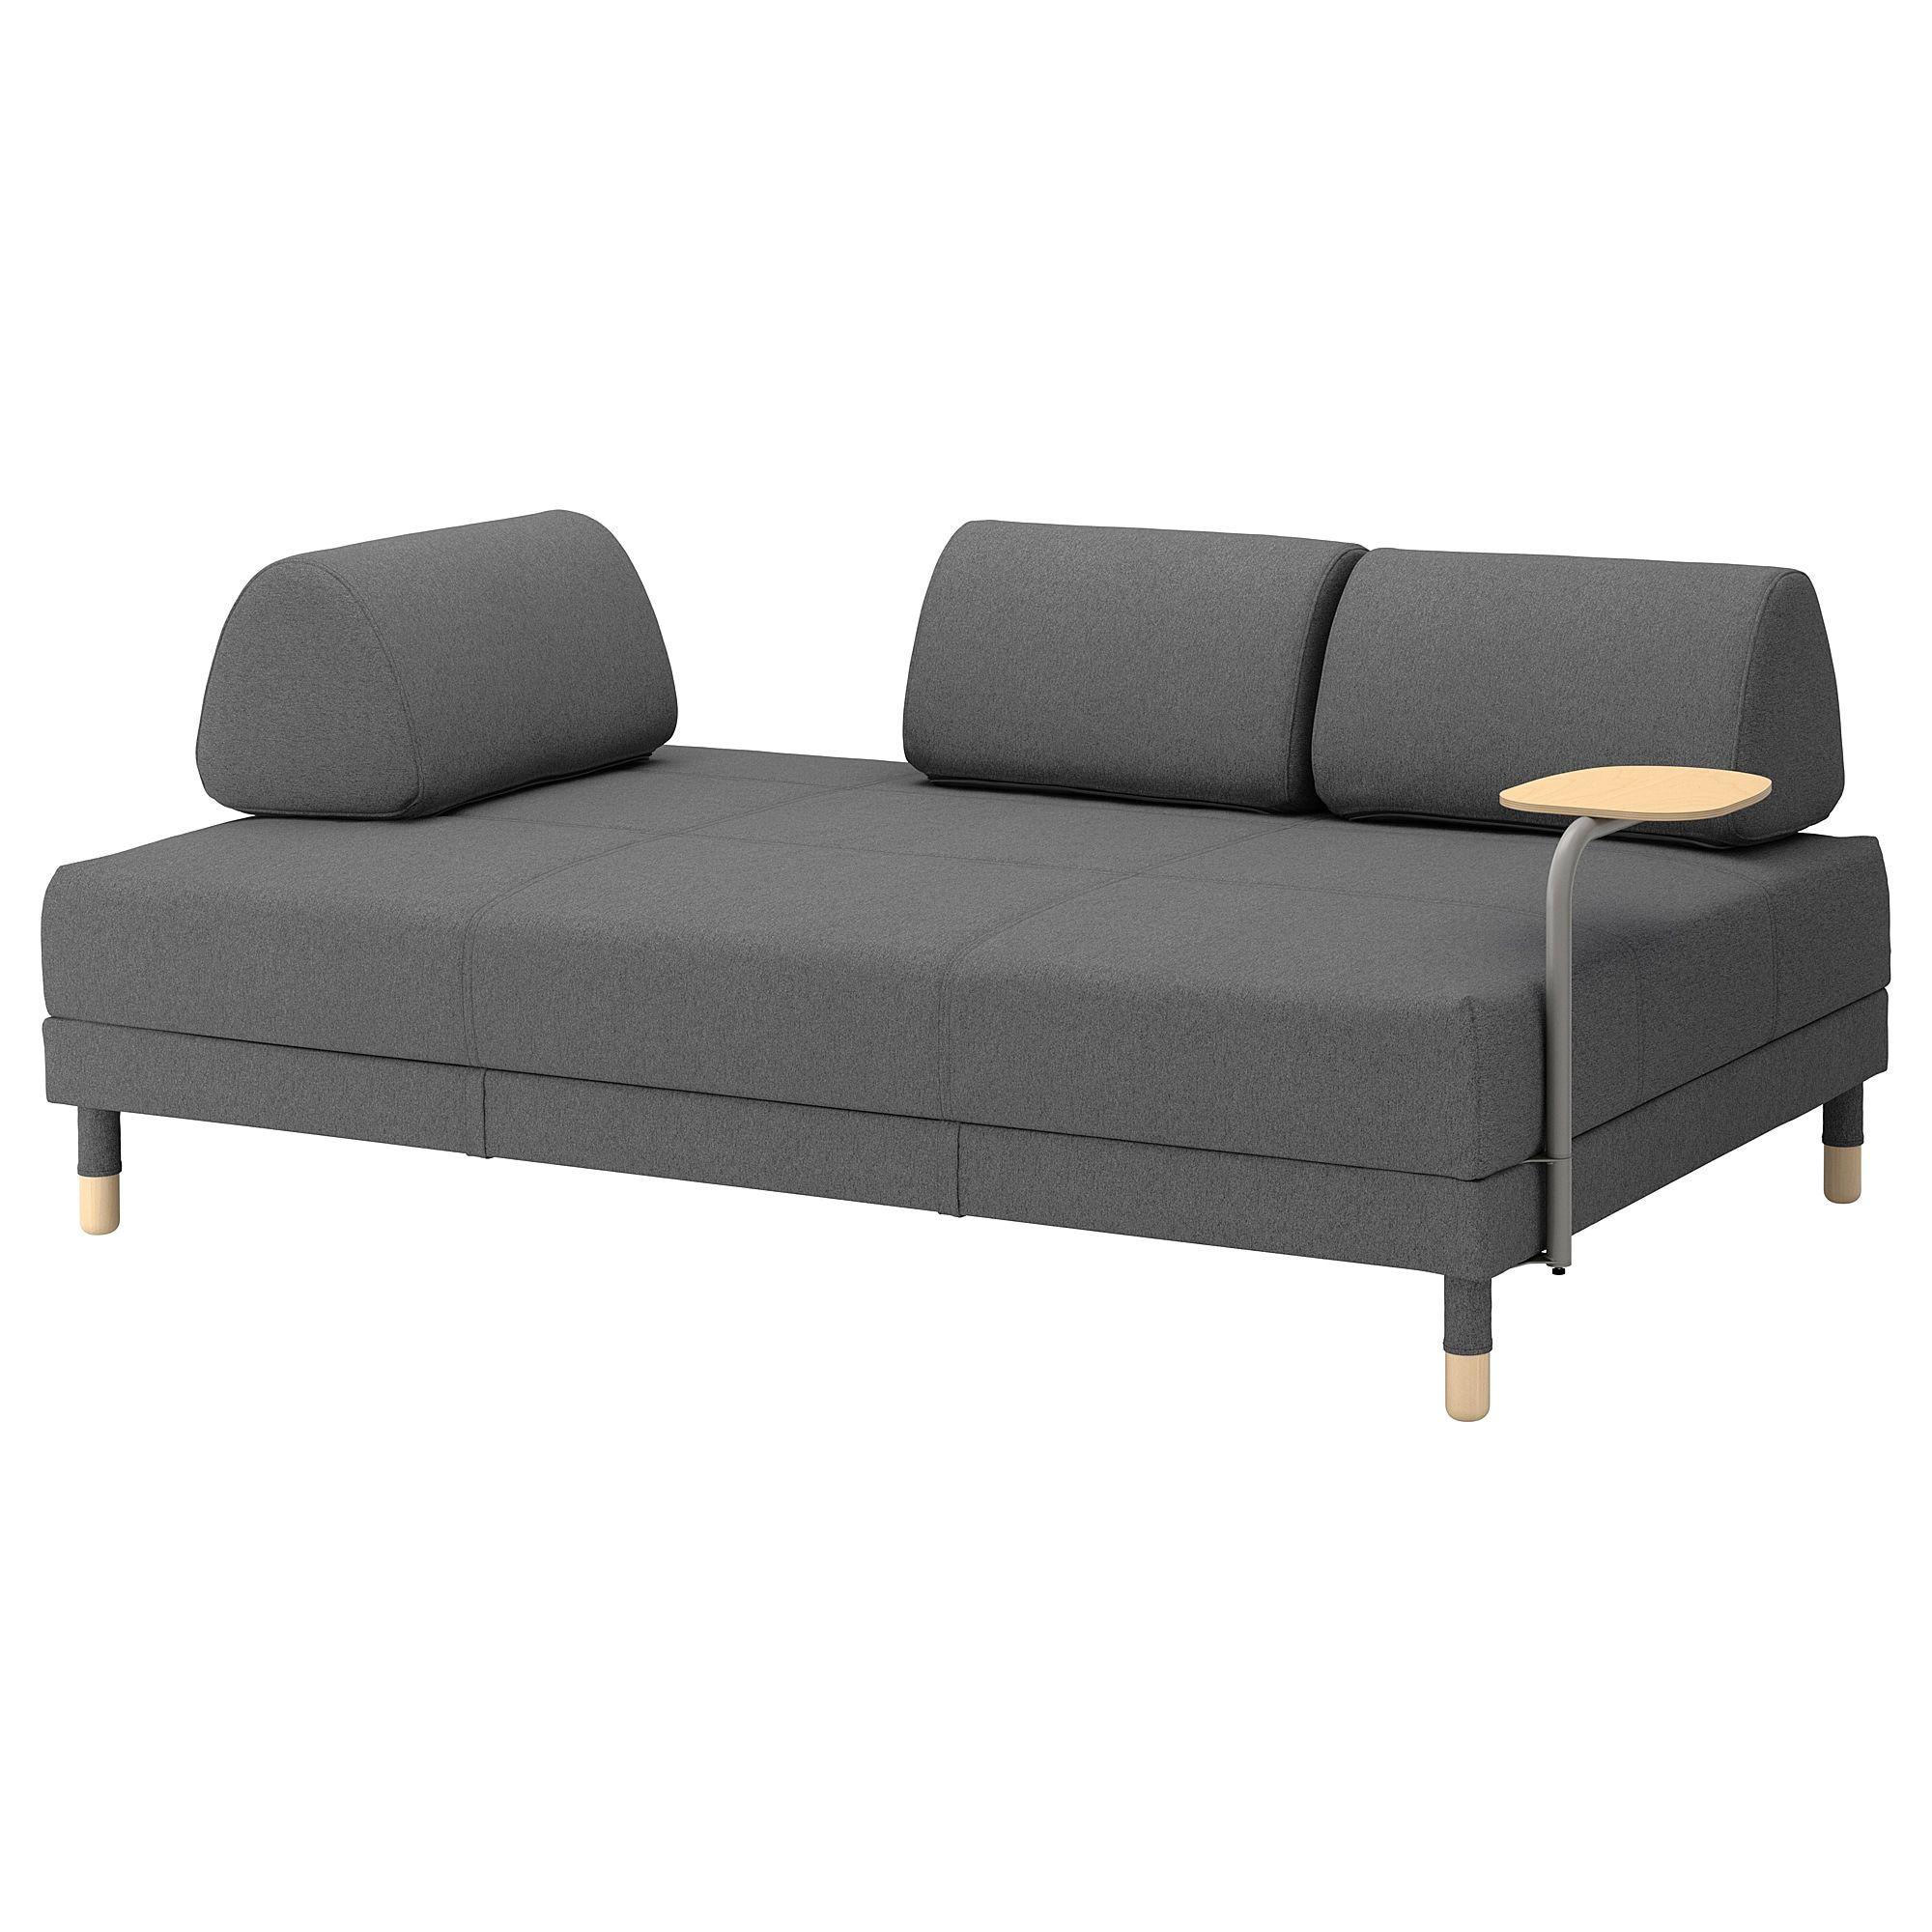 Ihanaa Olla Kotona Ikea Sofa Ikea Sofa Bed Sofa Bed Frame